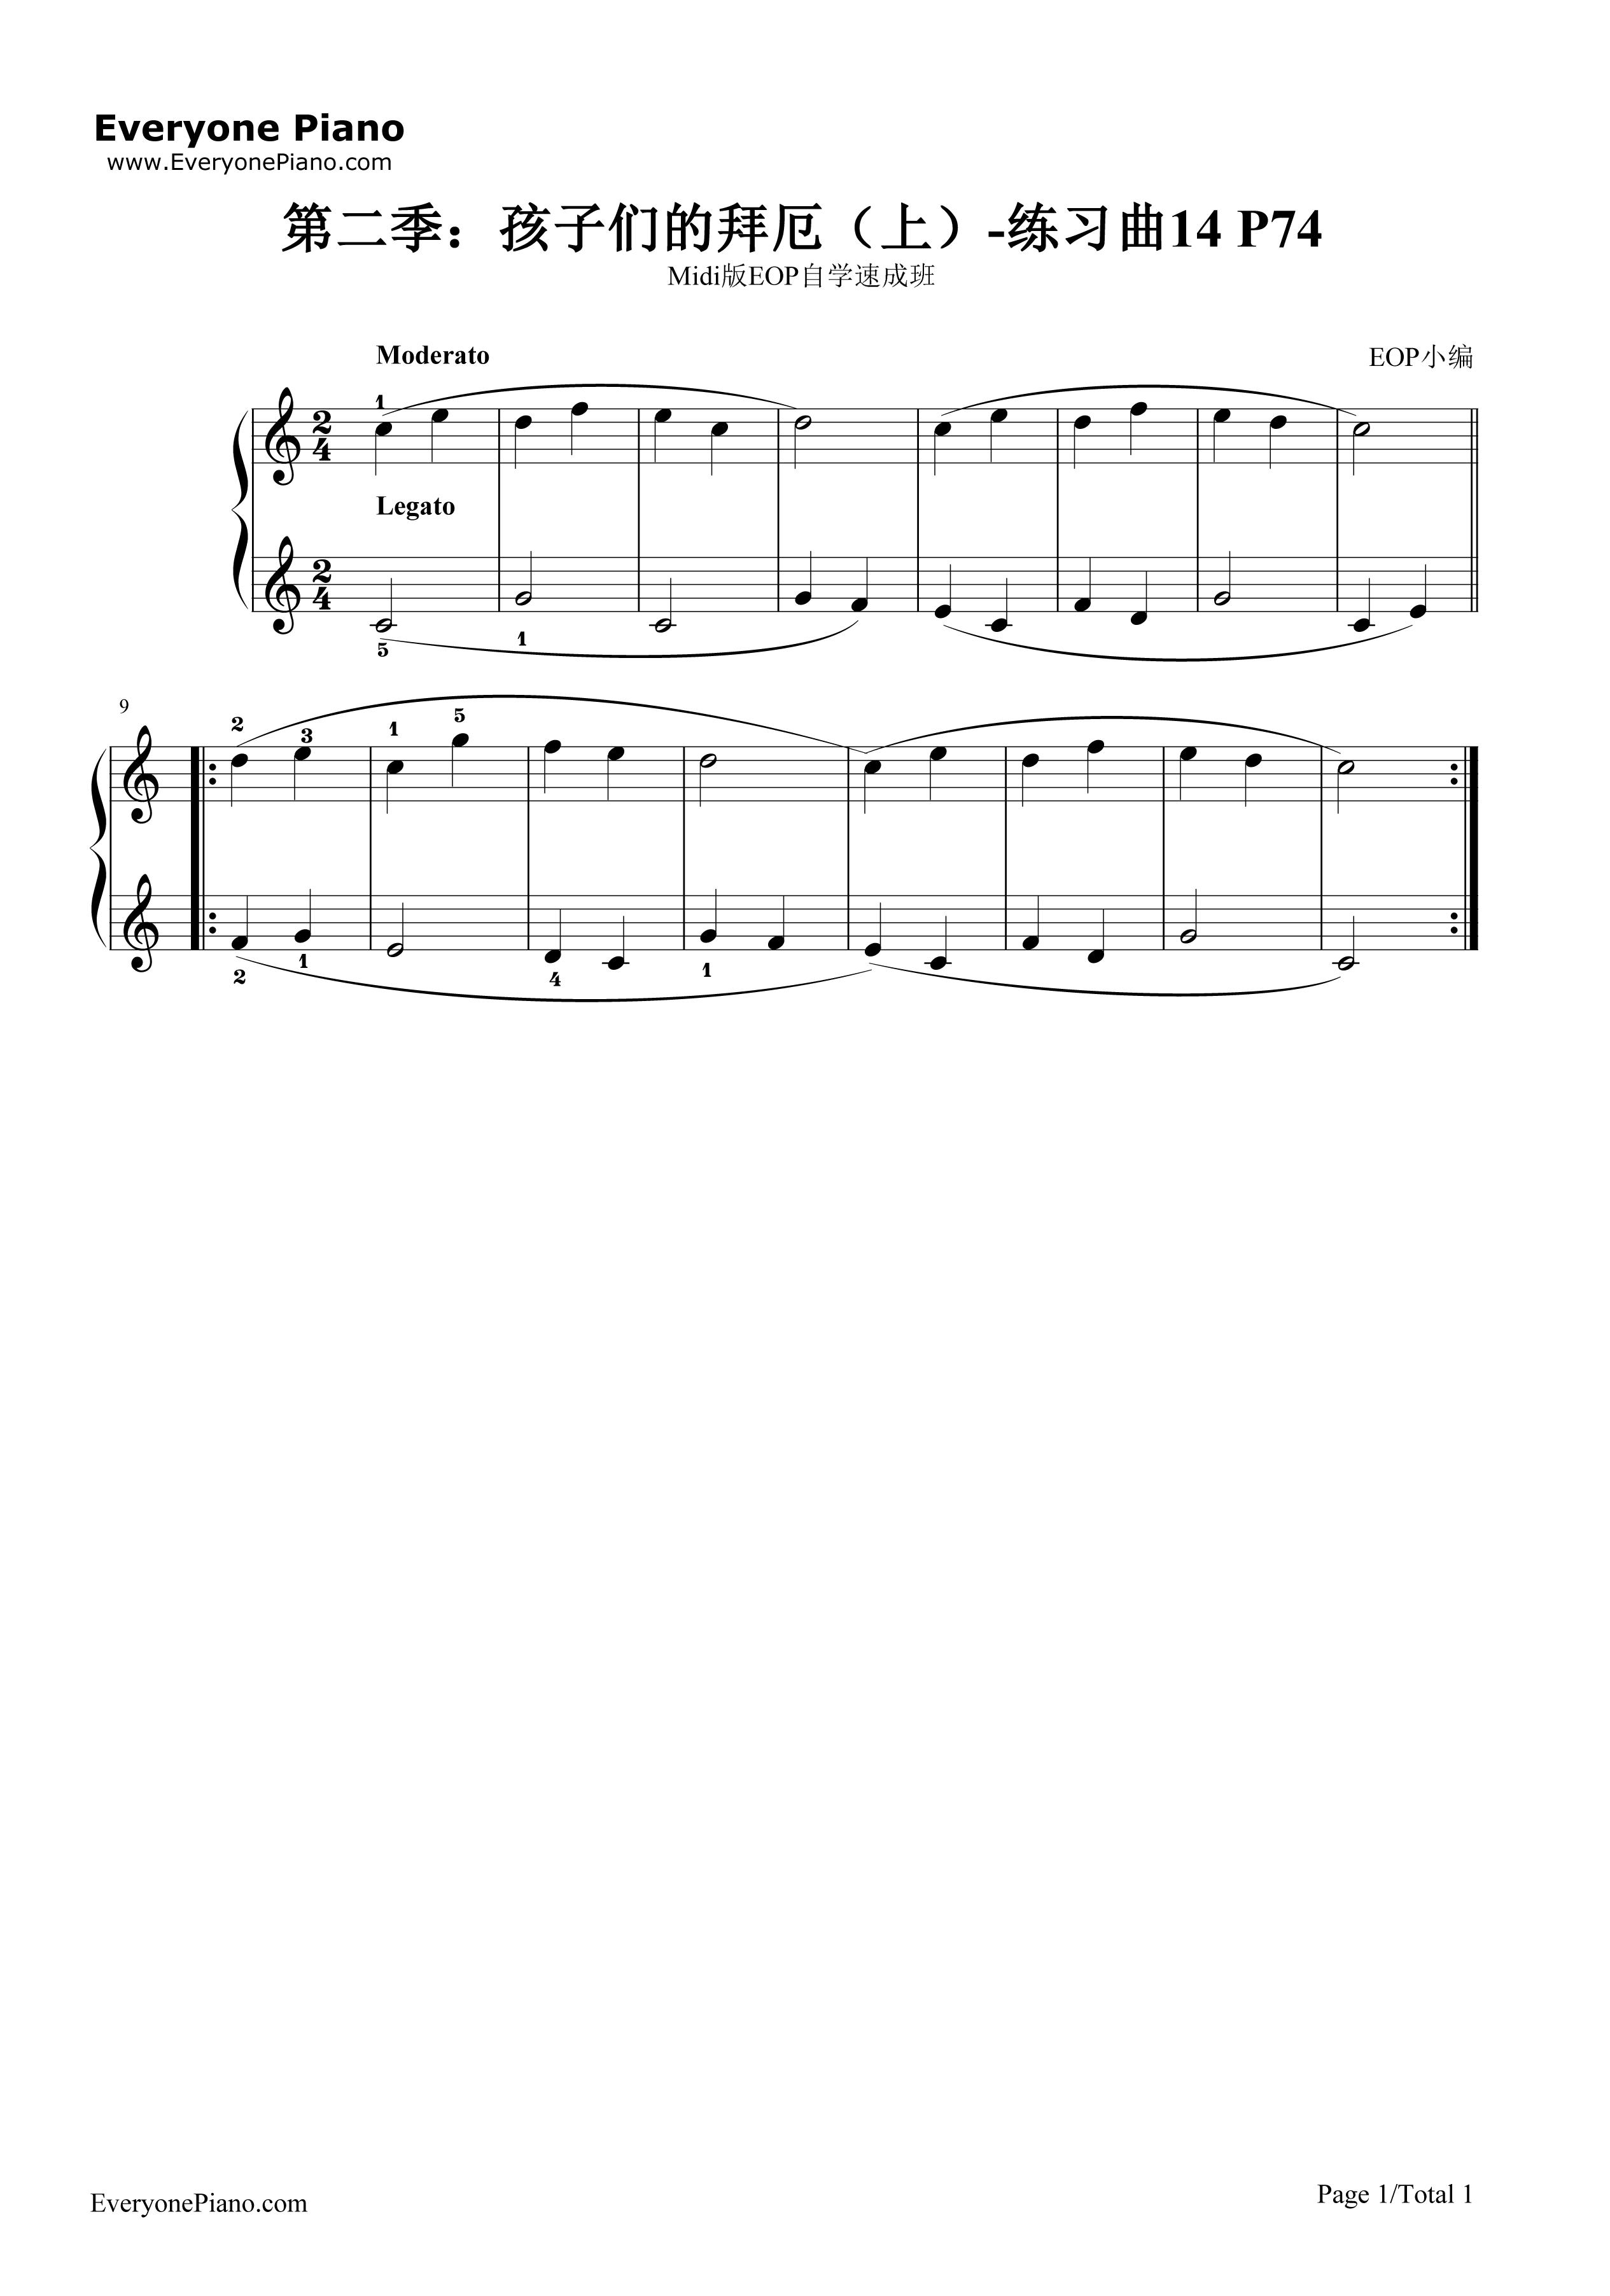 钢琴曲谱 练习曲 孩子们的拜厄14 孩子们的拜厄14五线谱预览1   仅供